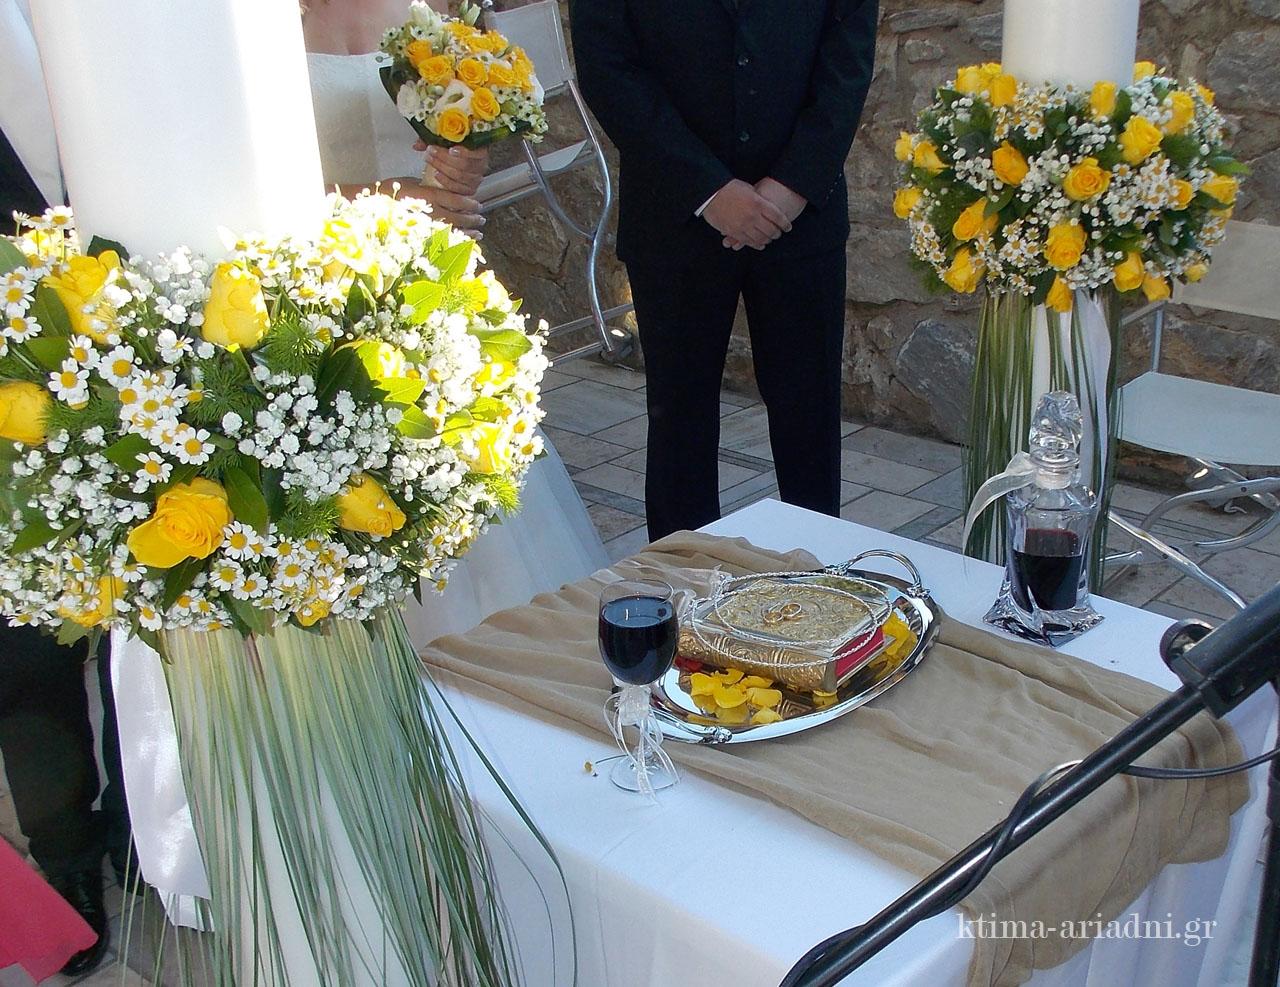 7e779b9cf55f Ανοιξιάτικος γάμος και βάπτιση στο κτήμα Αριάδνη σε κίτρινο χρώμα